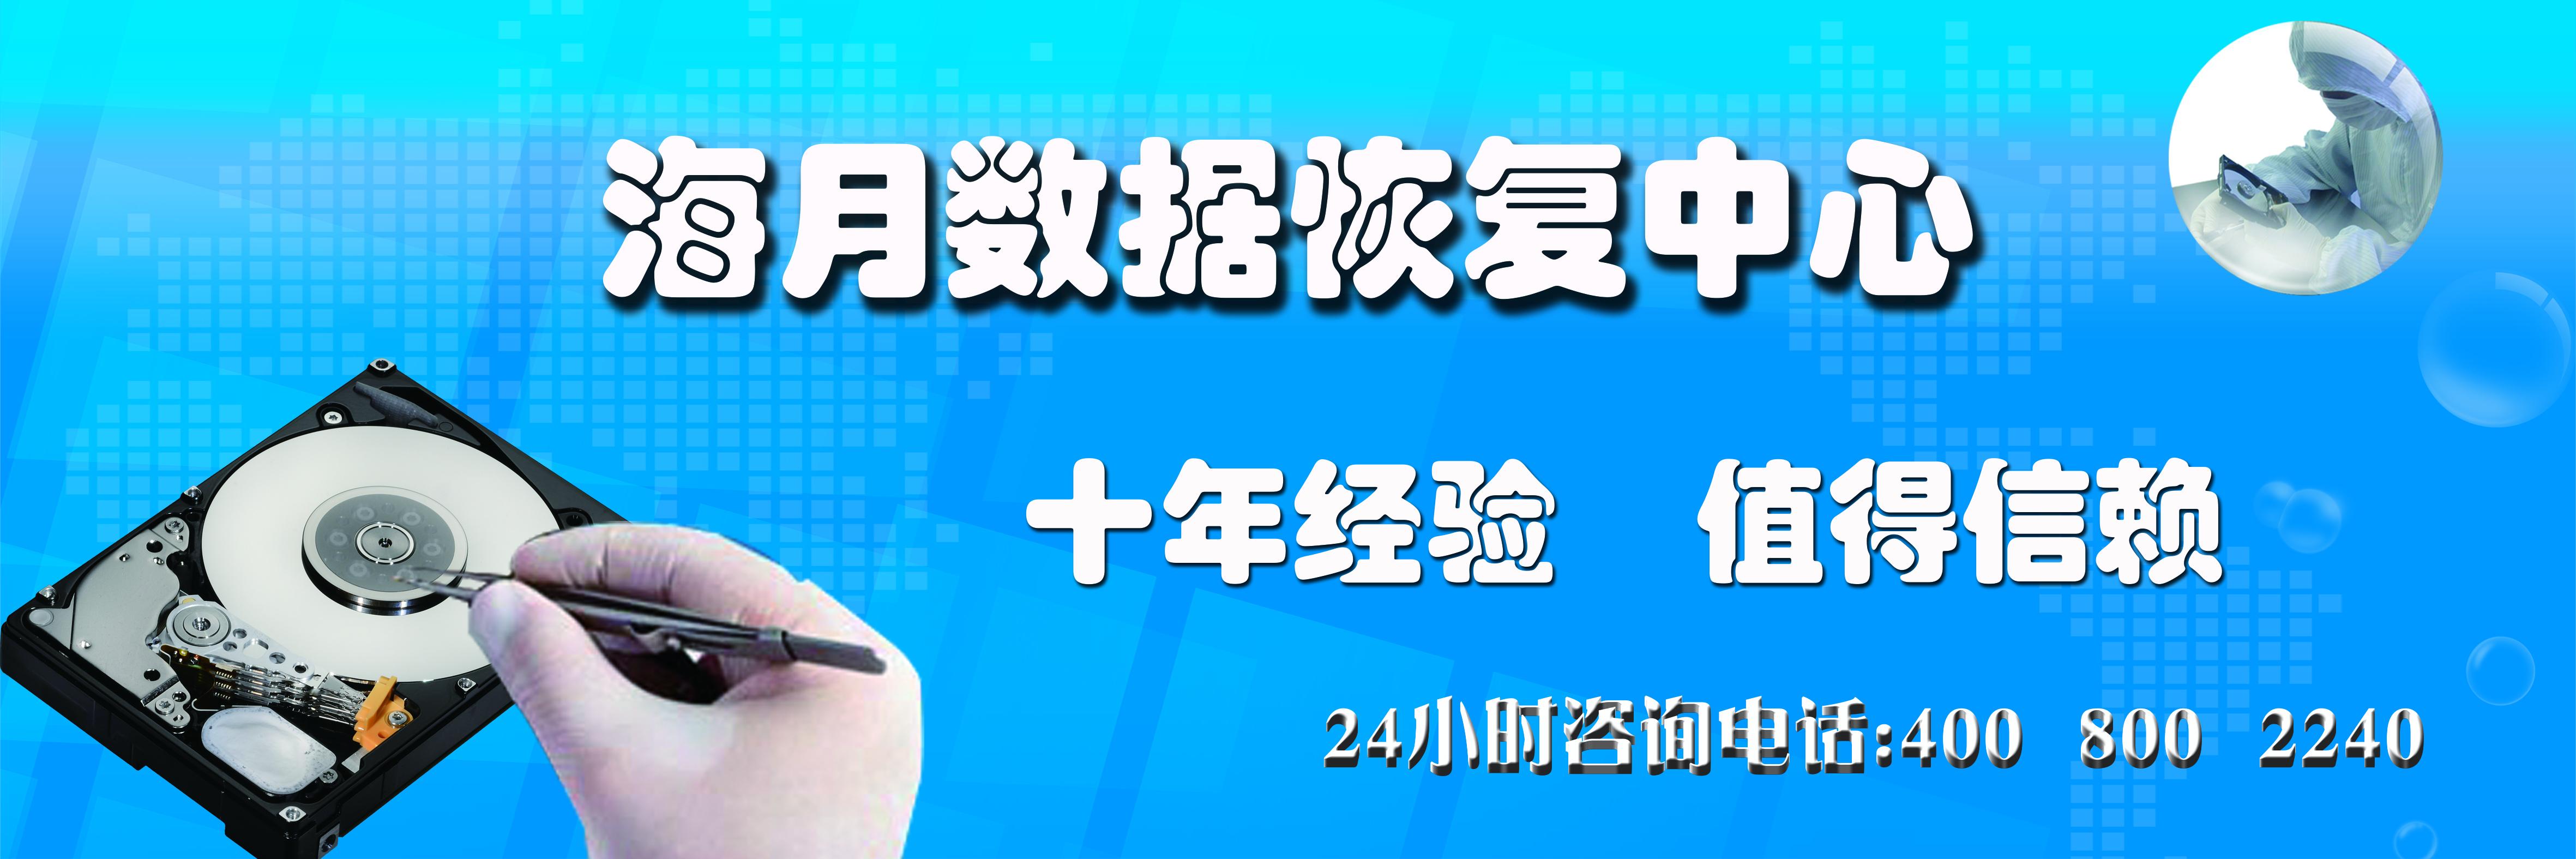 云南省昆明手机删除数据恢复